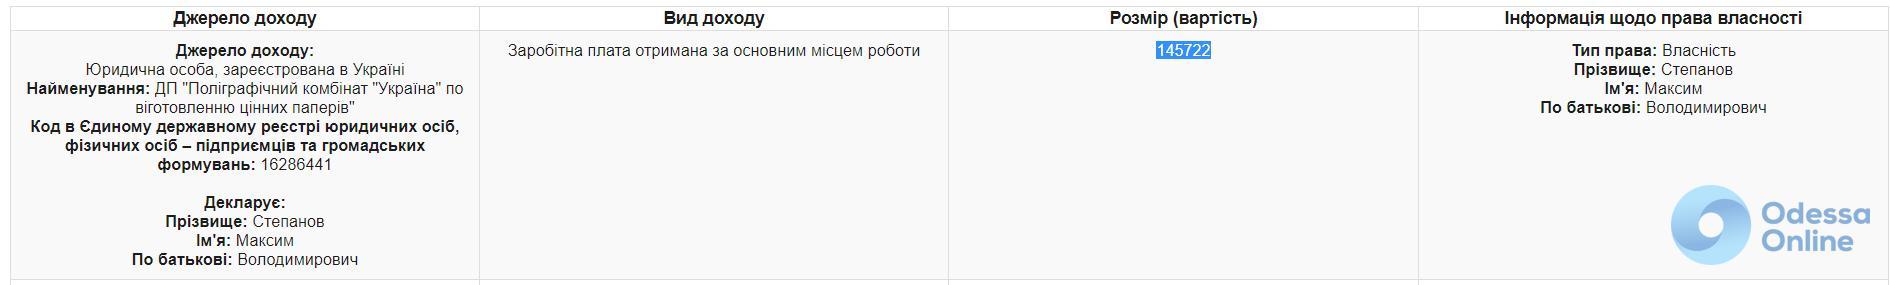 Декларация Степанова: часы и «ювелирка», квартиры и новый бизнес, а также Lexus для жены